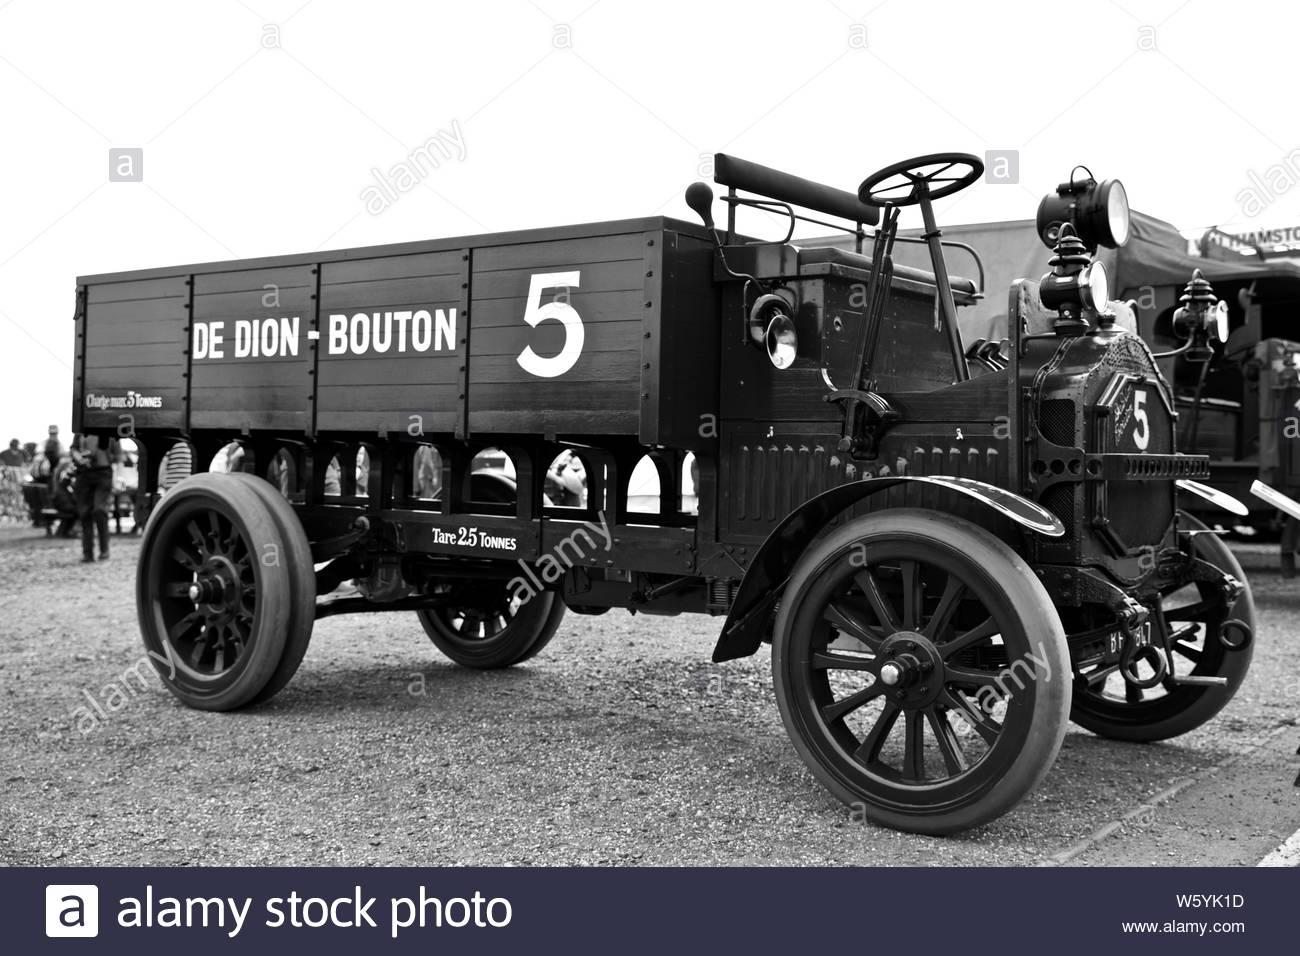 1911-3-tonne-de-dion-bouton-militaire-shuttleworth-au-bourget-sur-le-7-juillet-2019-jpg